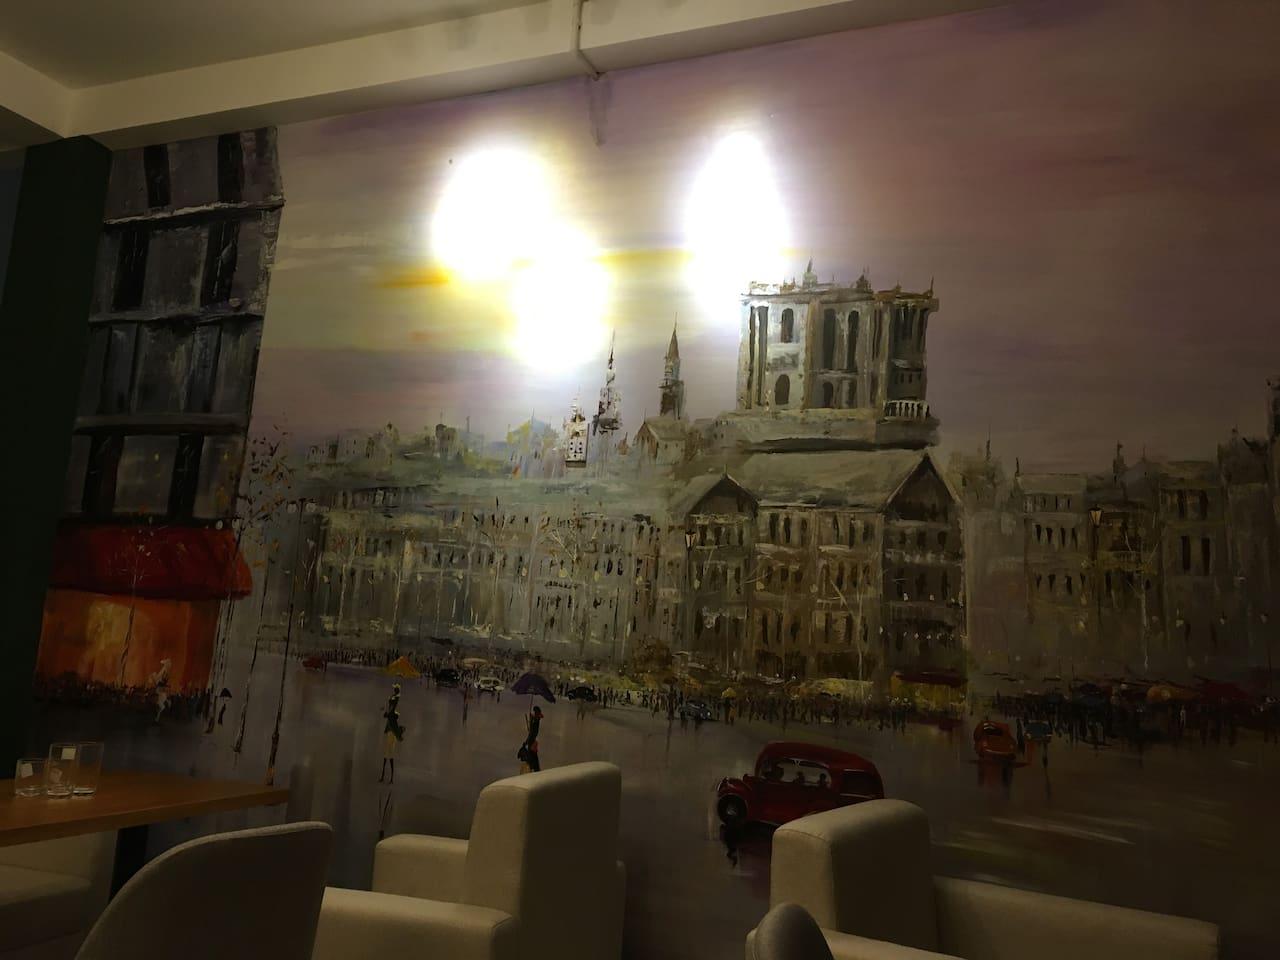 范五老街 滨城市场 百年邮局 ...咖啡厅楼上的民宿 住4人-华人房东